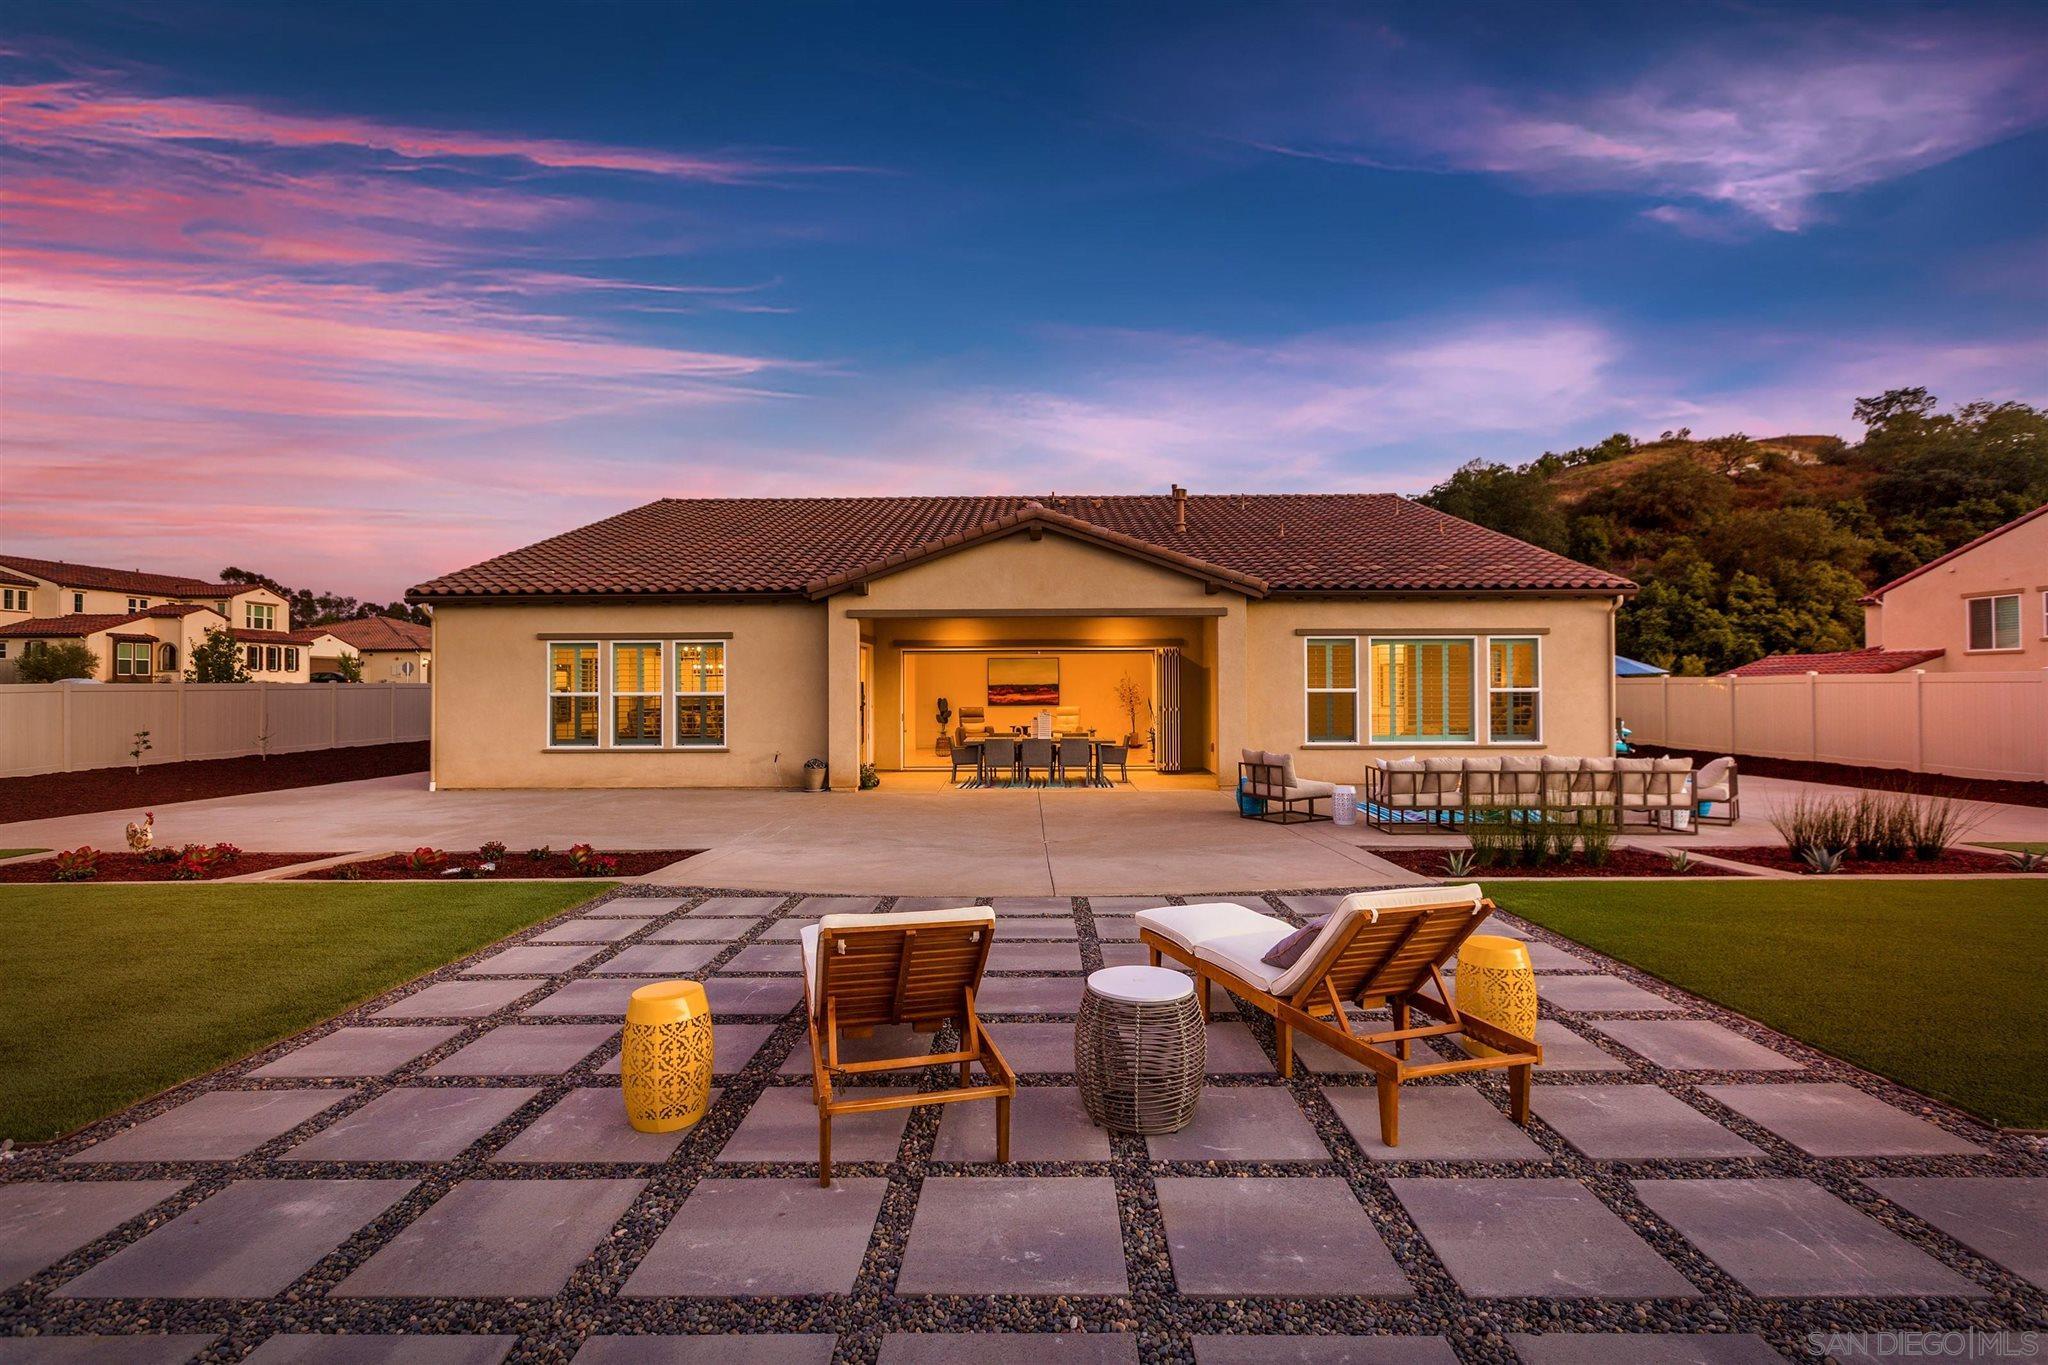 Photo of 1364 Vista Ave, Escondido, CA 92026